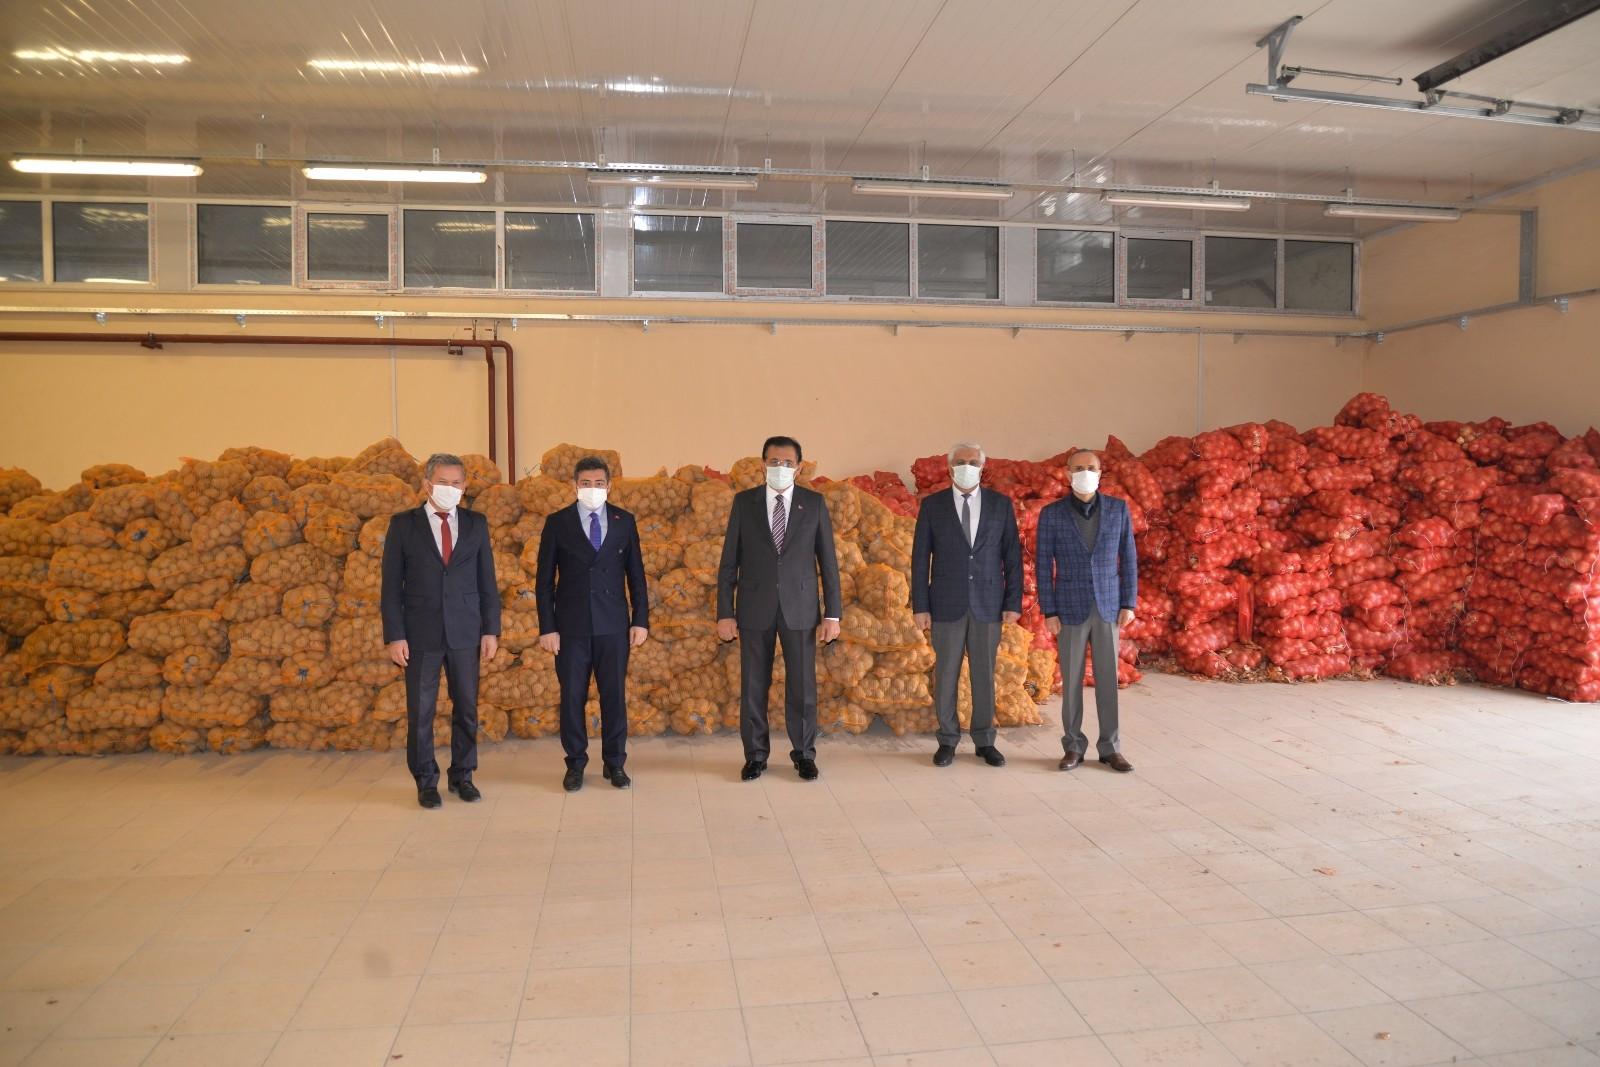 İhtiyaç sahiplerine destek! Bolu'da, 500 ton patates ve 100 ton soğan dağıtılacak